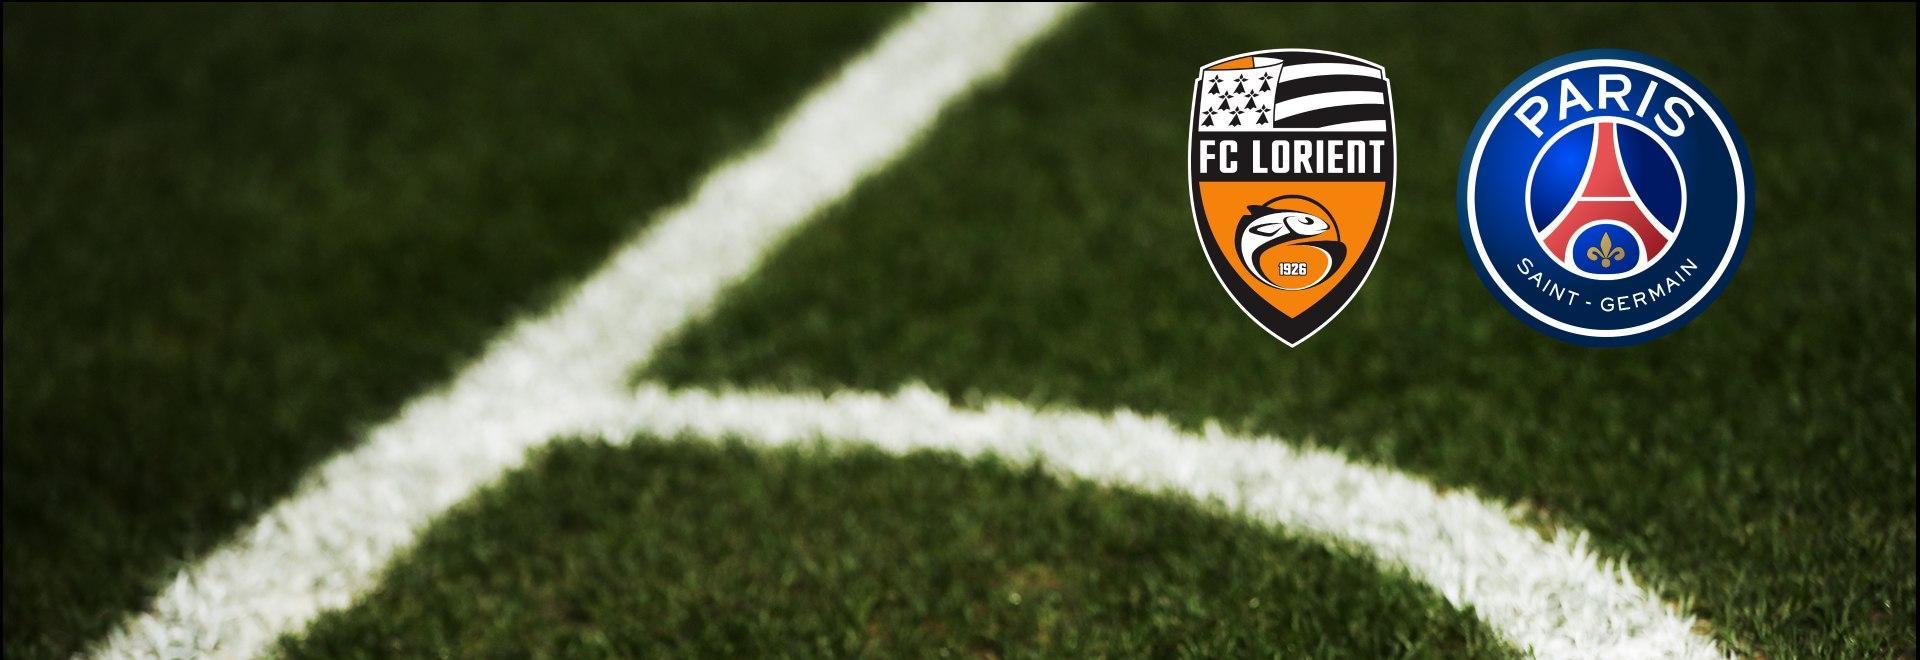 Lorient - PSG. 22a g.